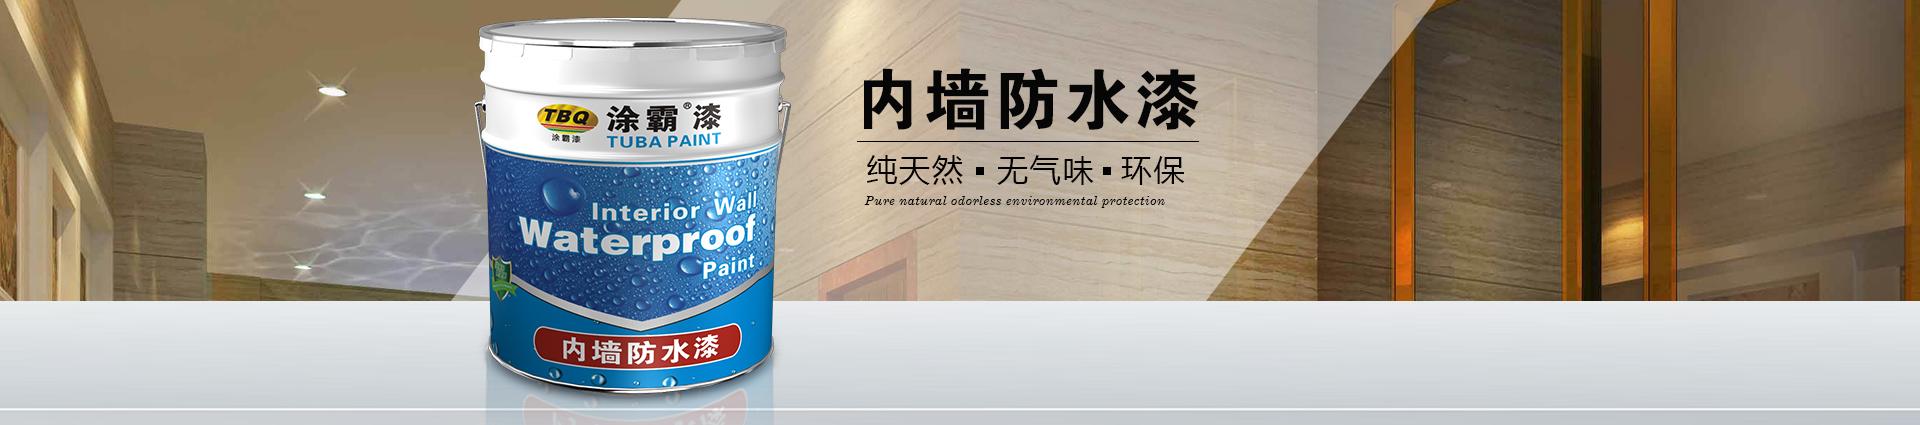 100%低碳健康漆